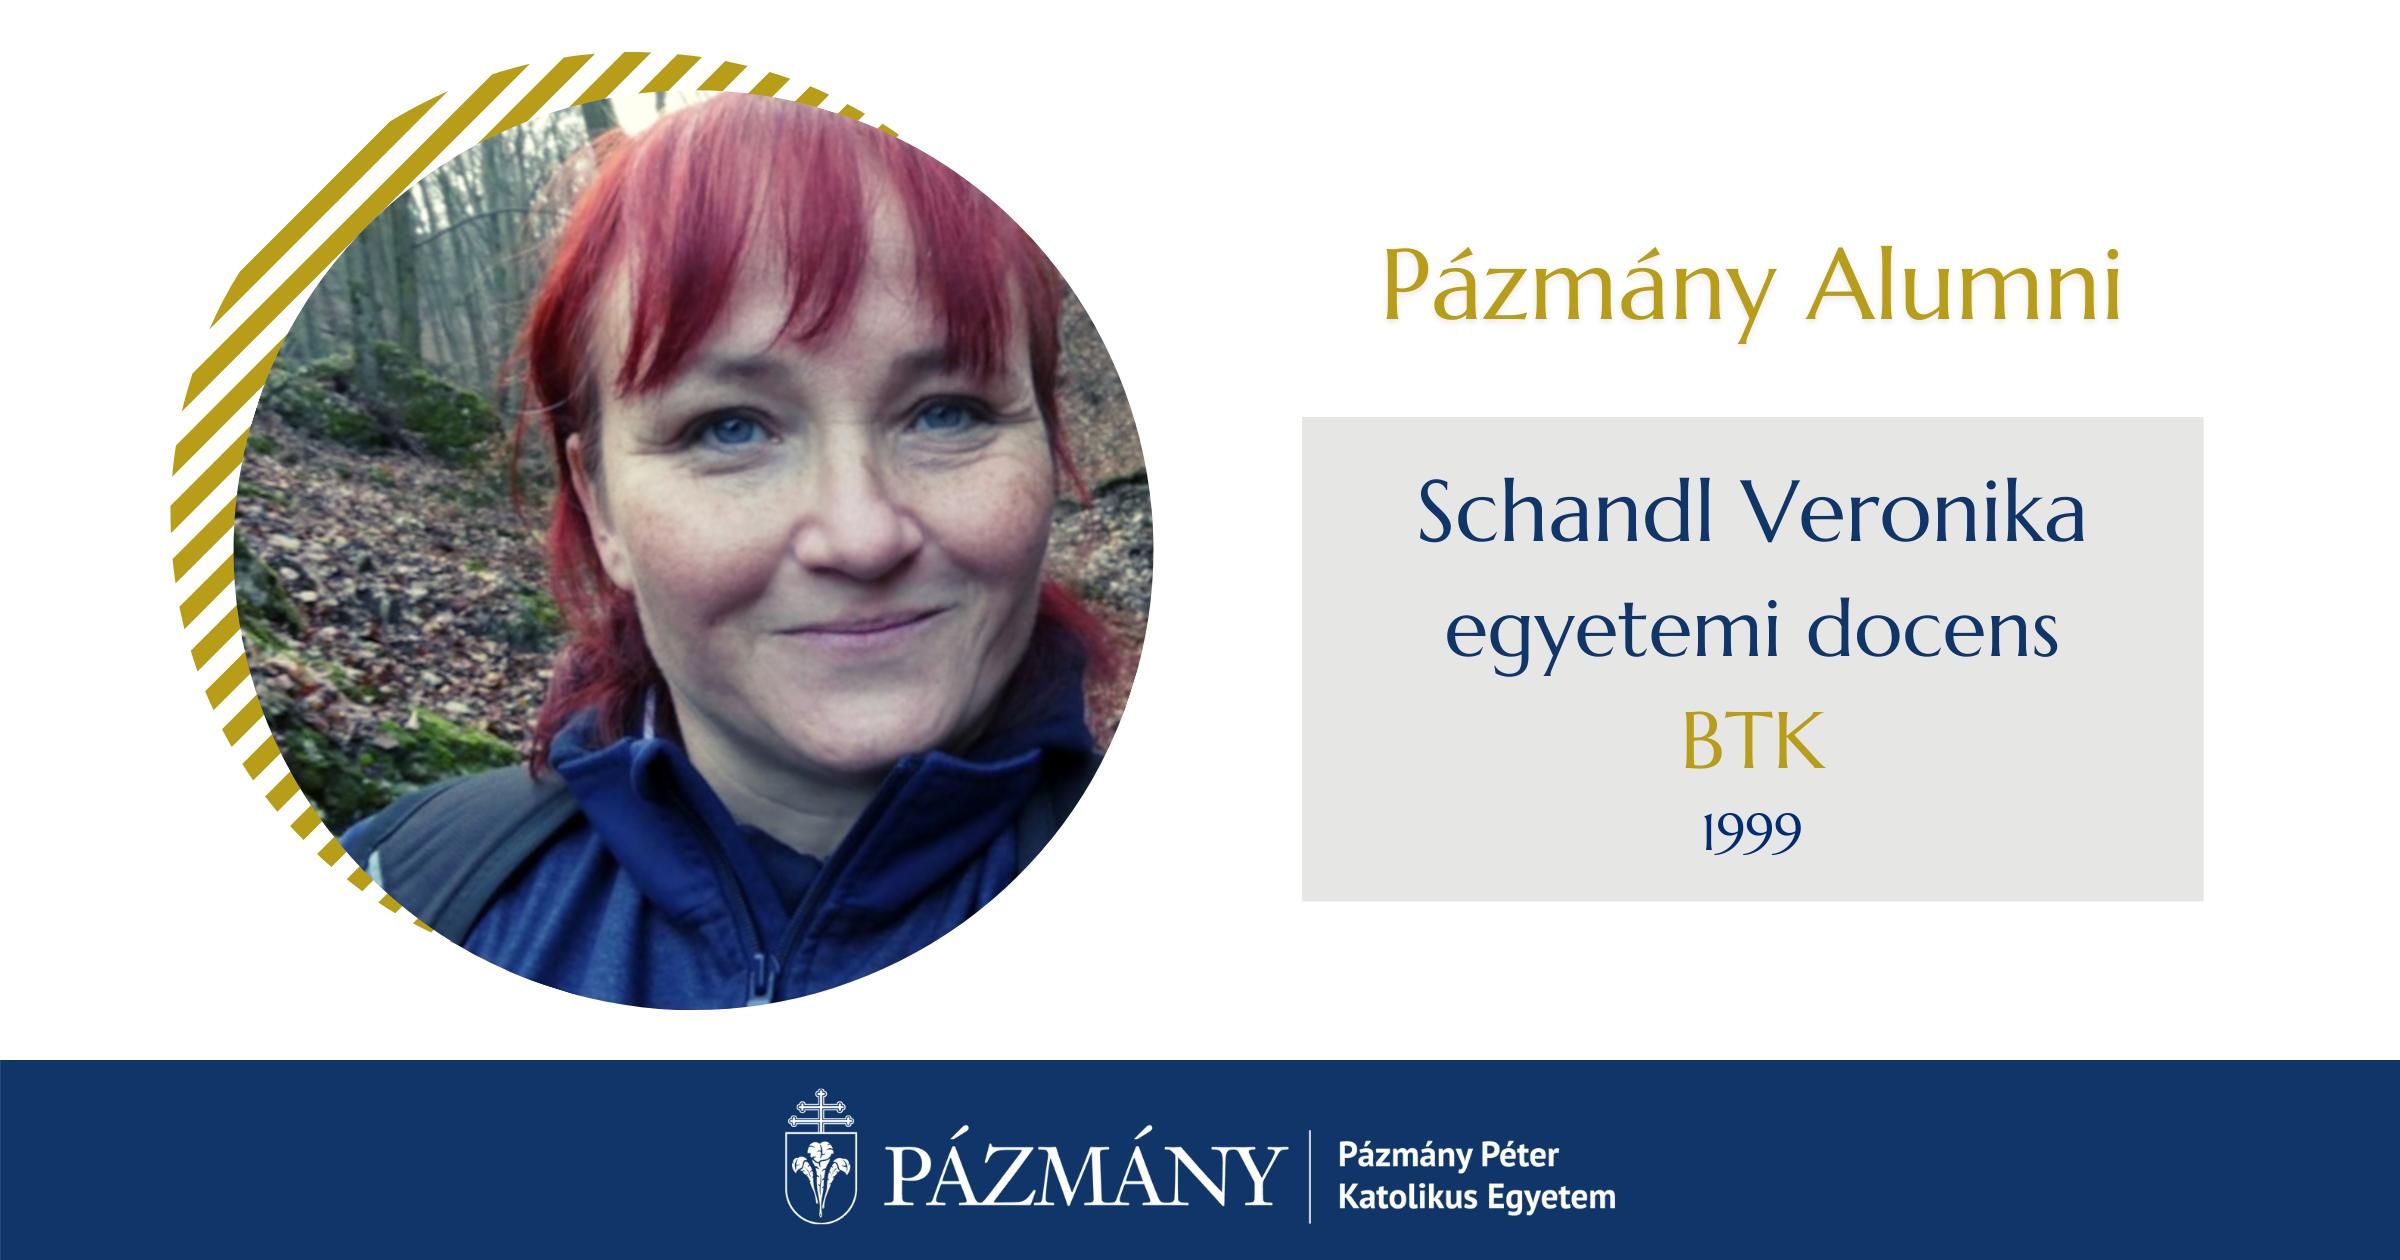 Pázmány Alumni: interjú Schandl Veronikával, a BTK egykori hallgatójával